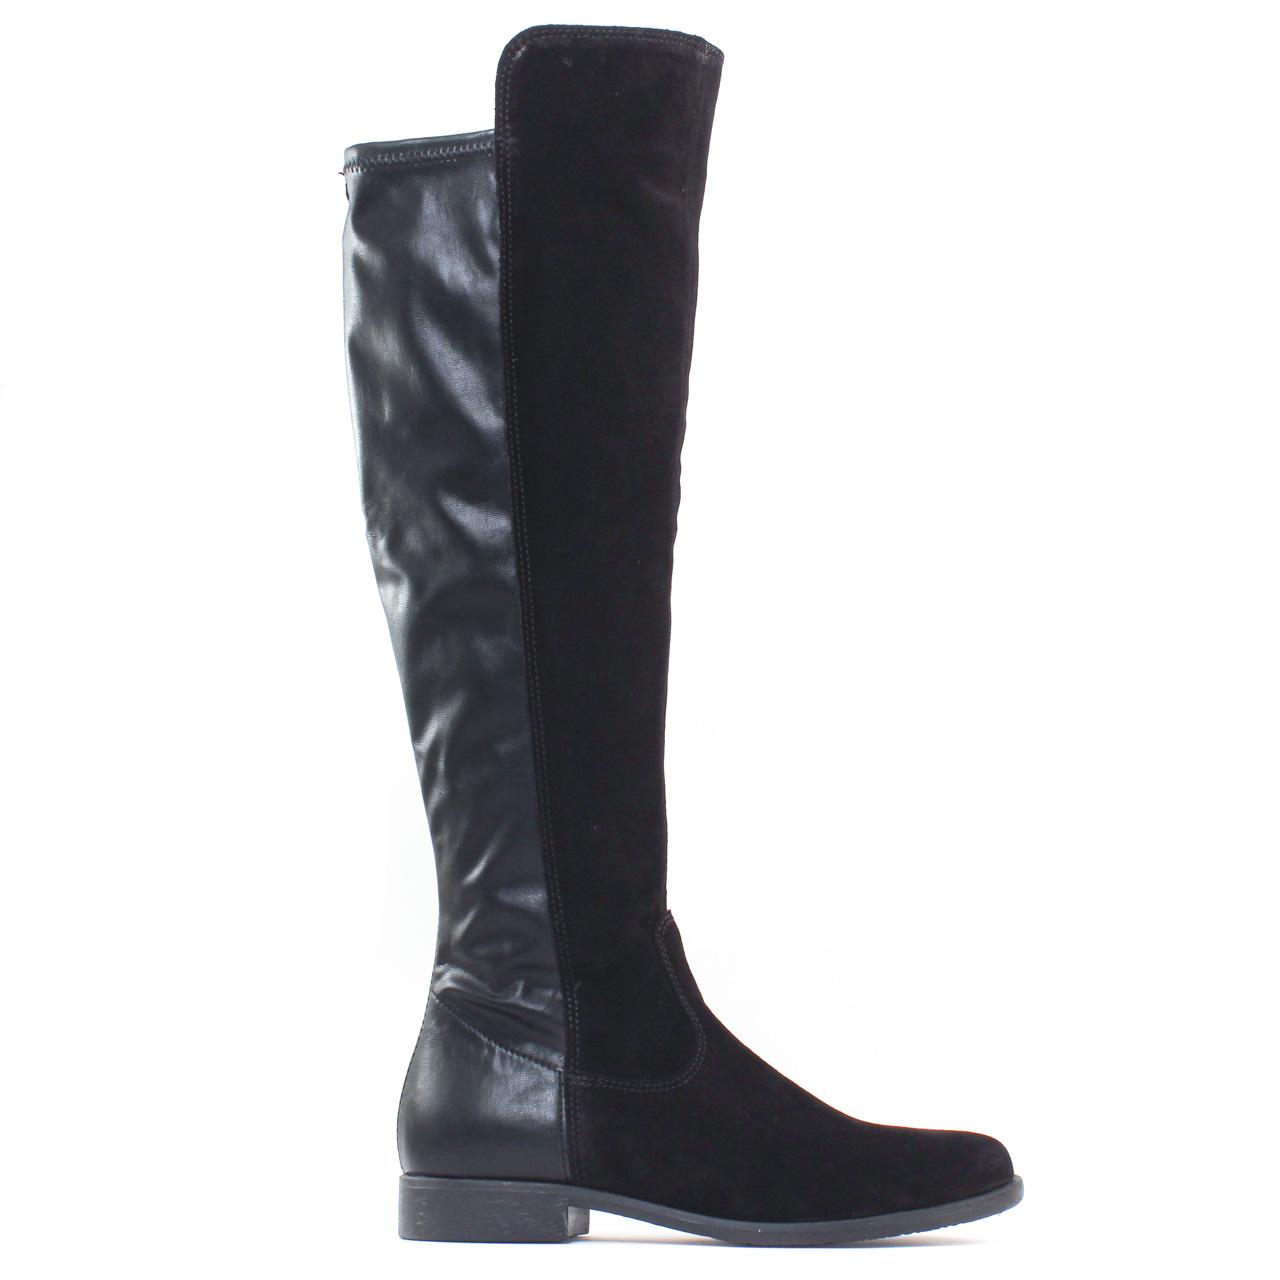 tamaris 25568 black botte cuissardes noir automne hiver chez trois par 3. Black Bedroom Furniture Sets. Home Design Ideas